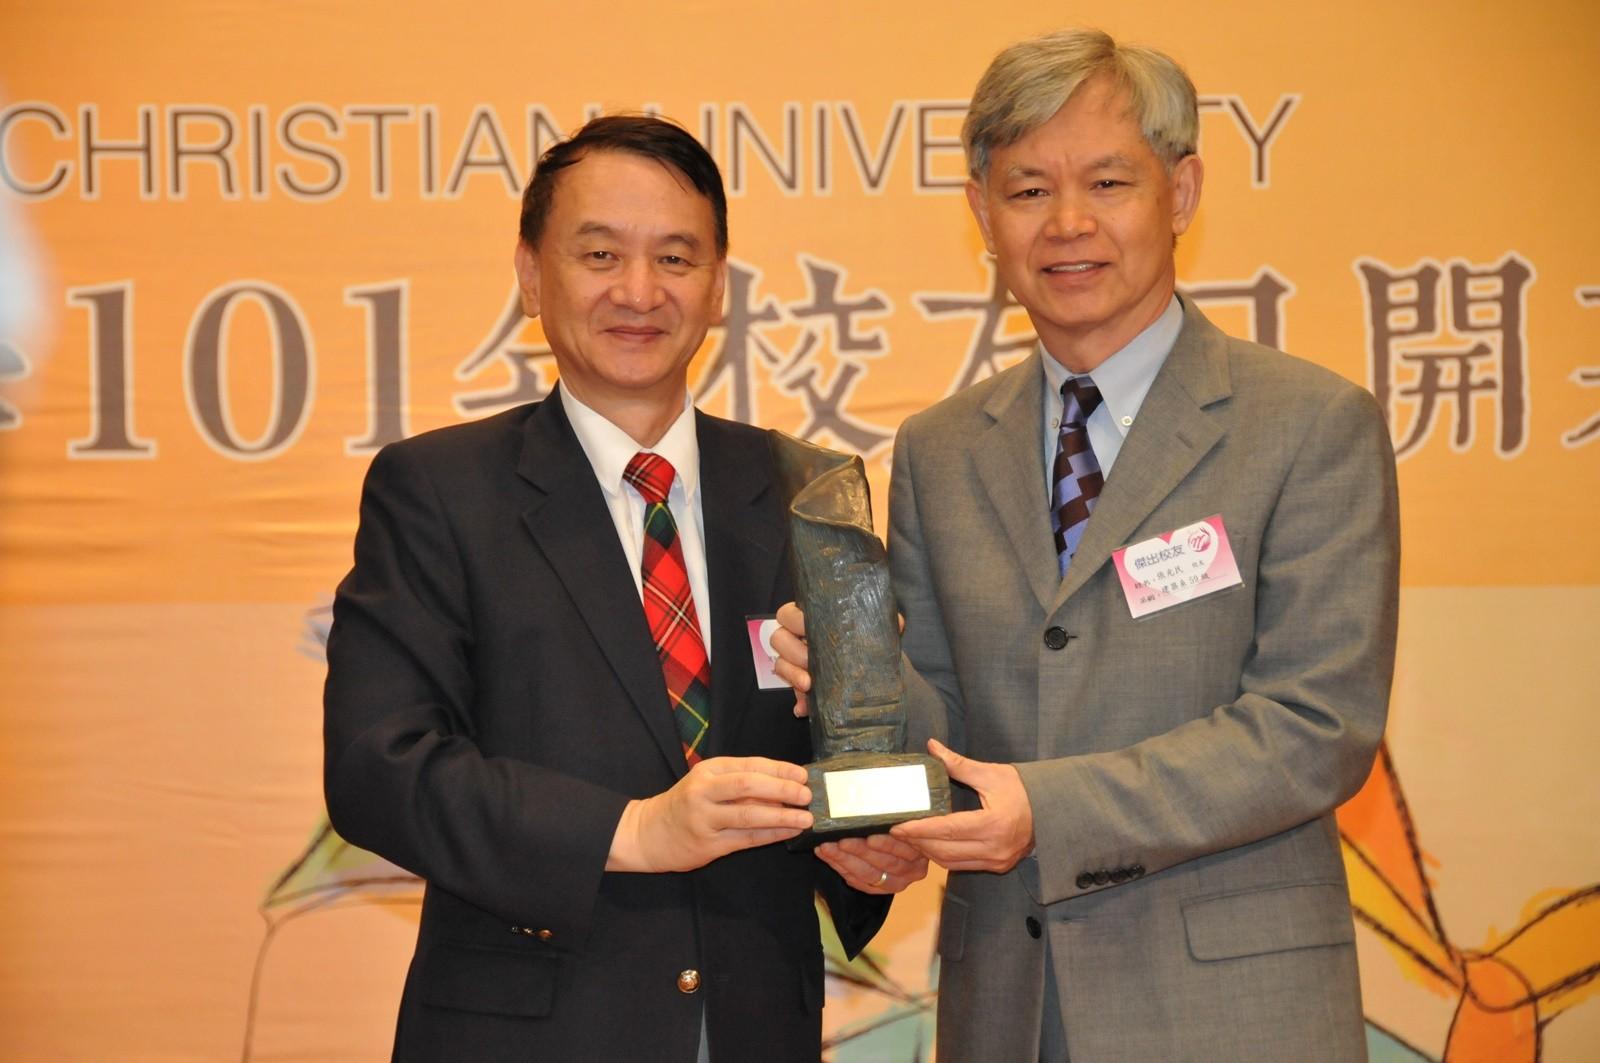 2012年張光民學長(右)榮獲「傑出校友」表揚,由張光正校長親自頒獎。.jpg